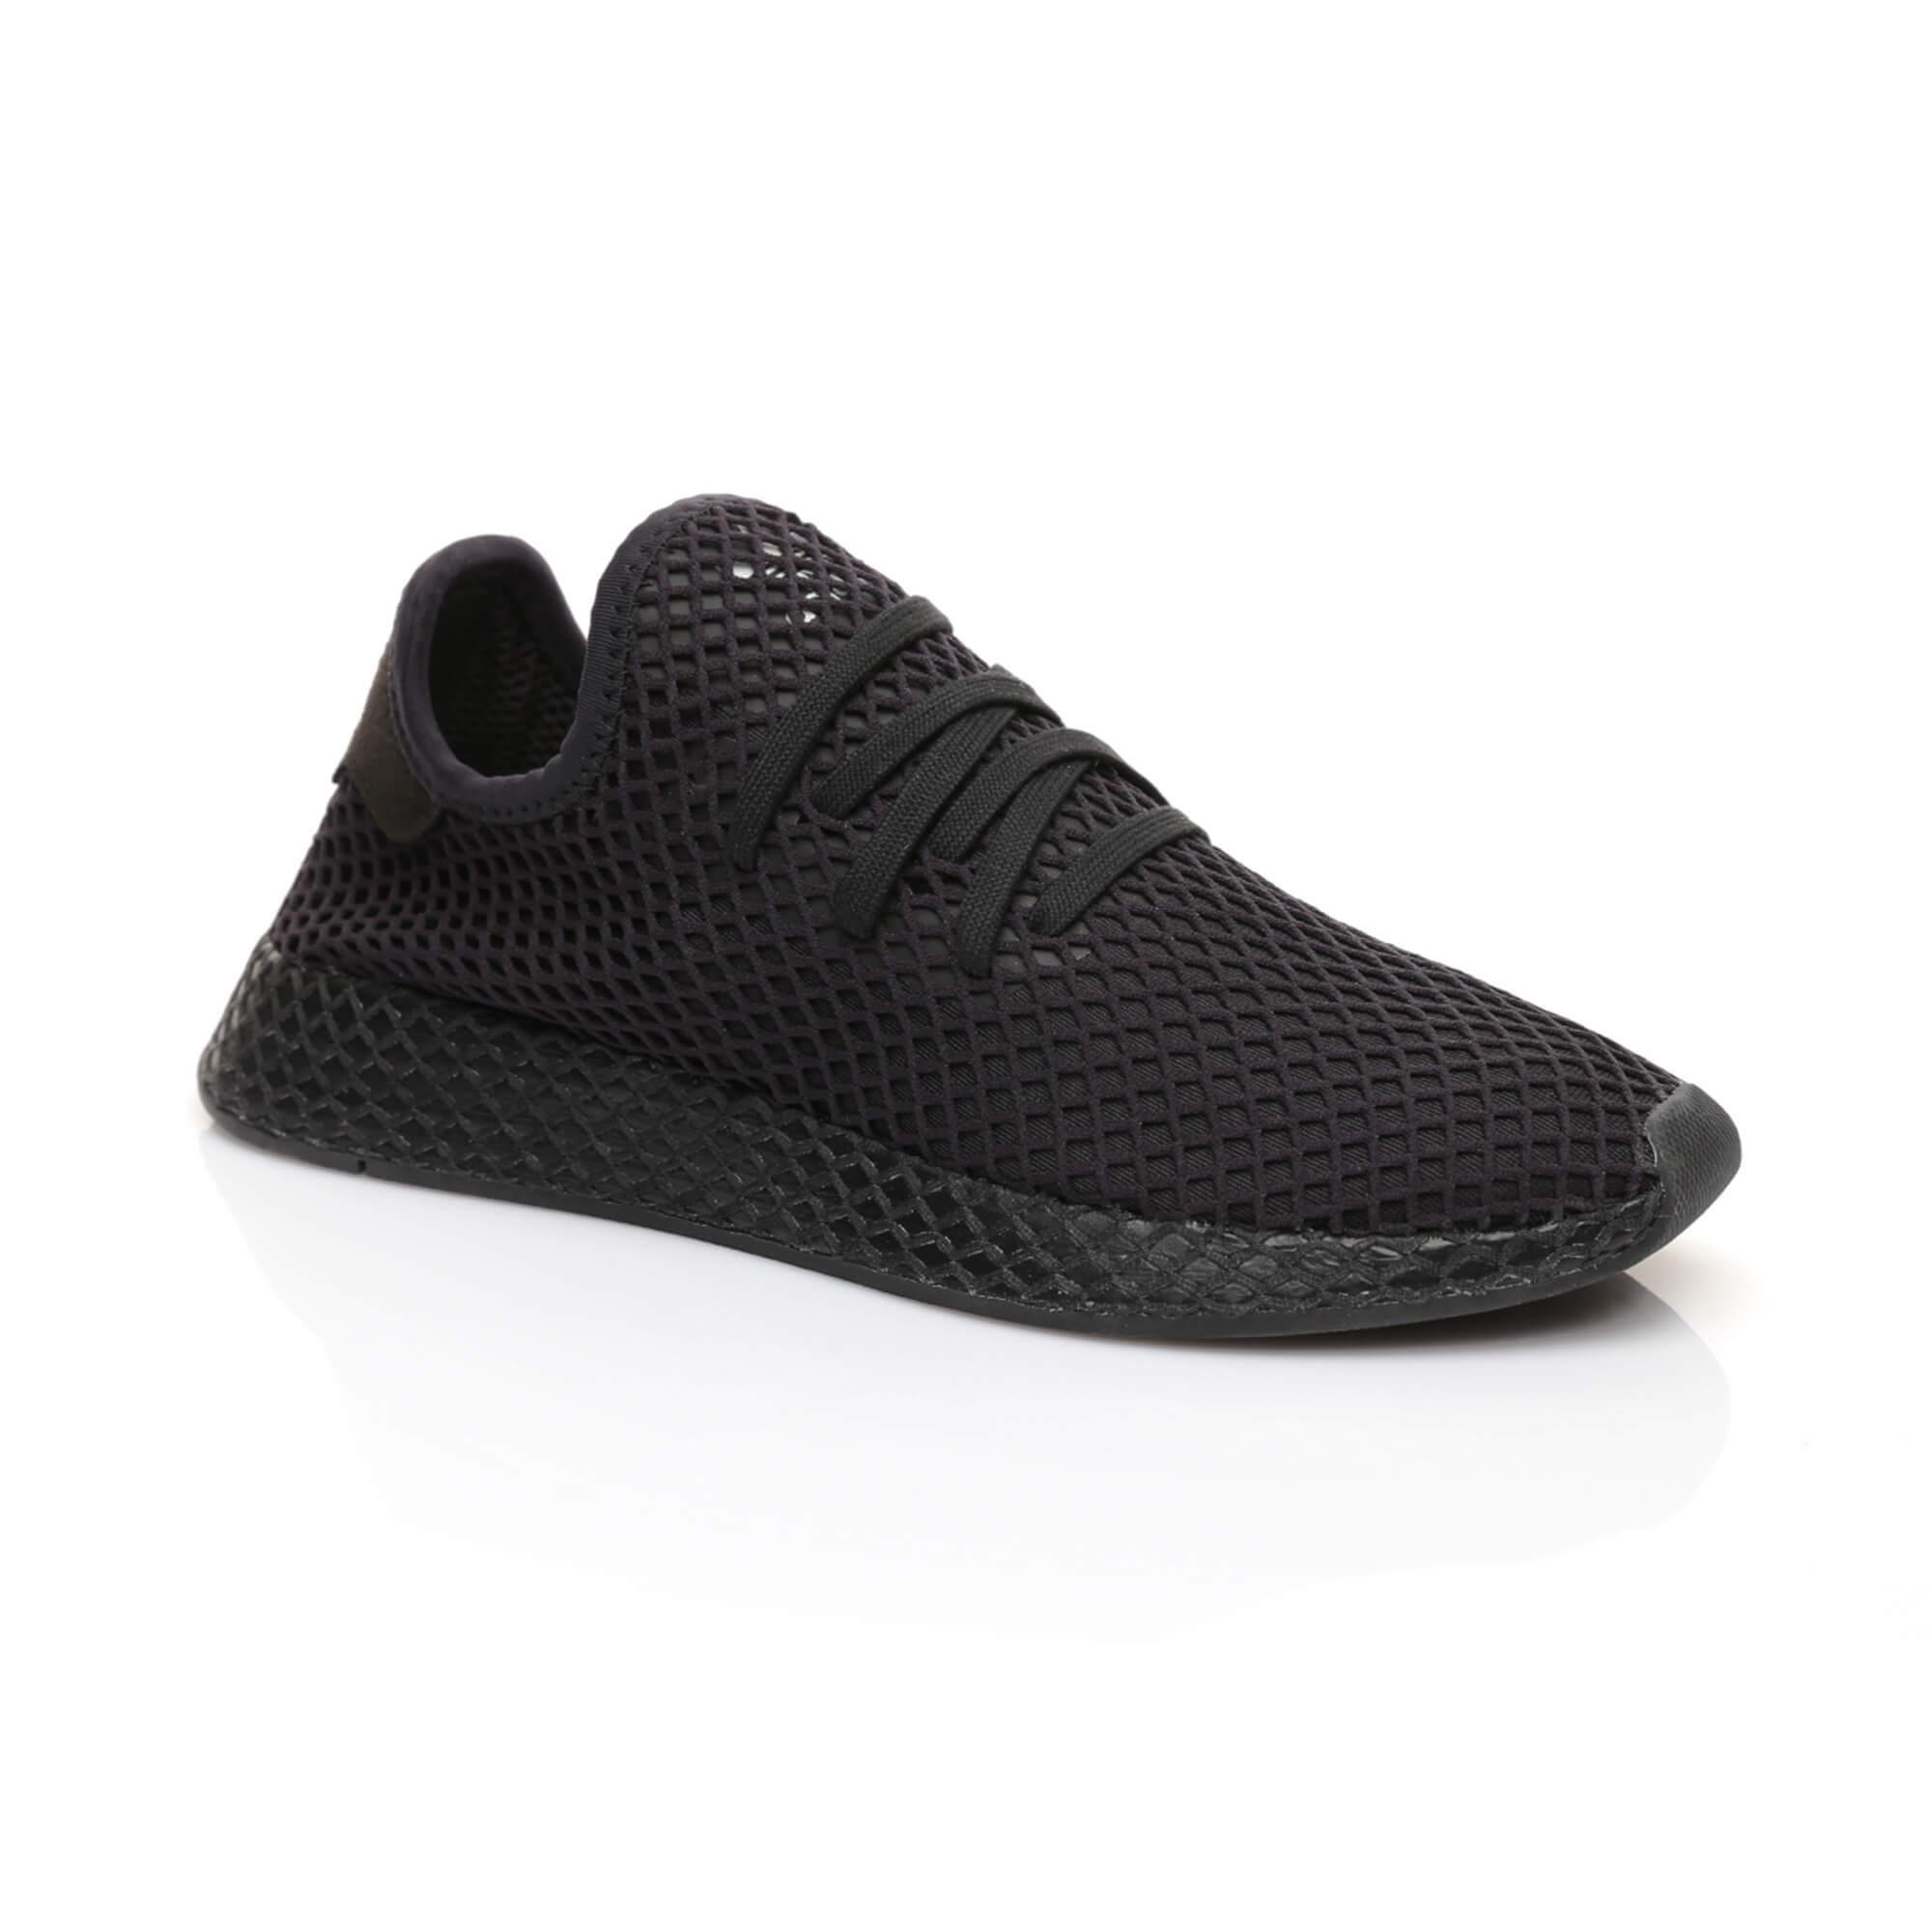 adidas Deerupt Kadın Siyah Spor Ayakkabı